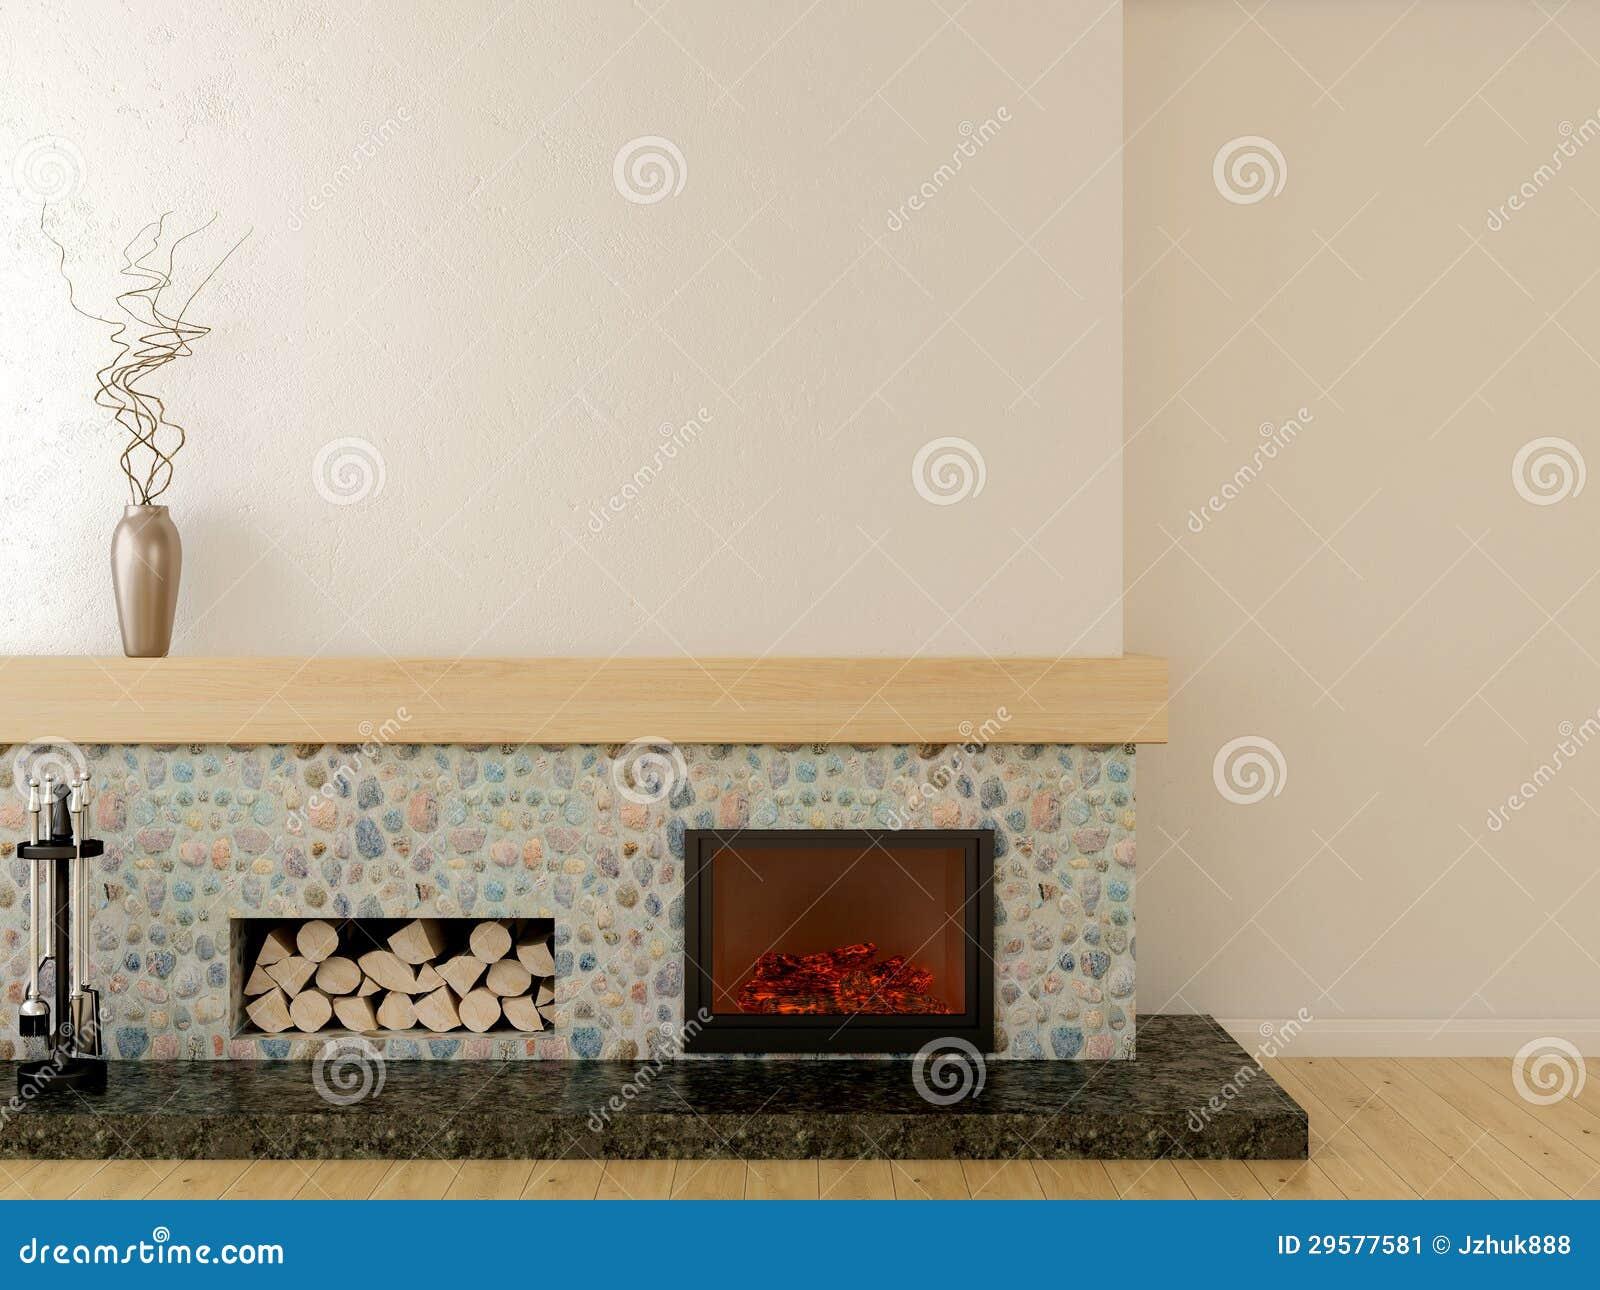 Moderner Kamin stockbild. Bild von leer, sonderkommando - 29577581